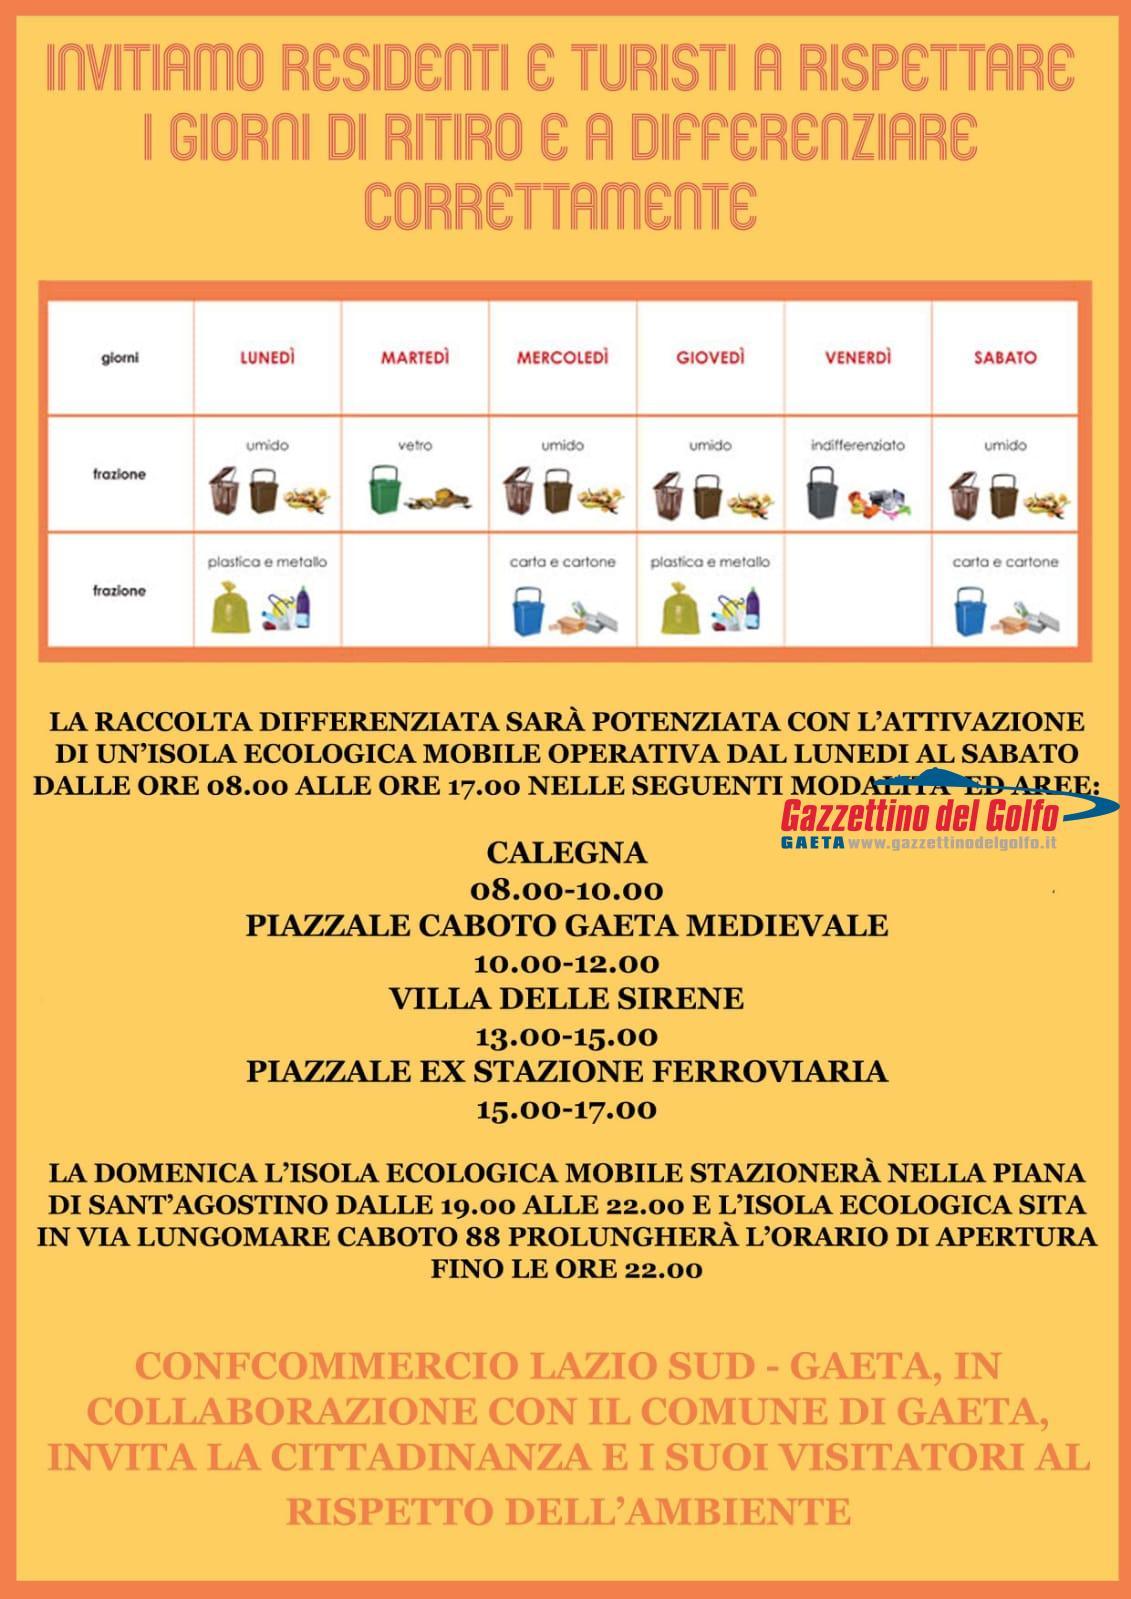 Raccolta differenziata mobile a Gaeta, la campagna di